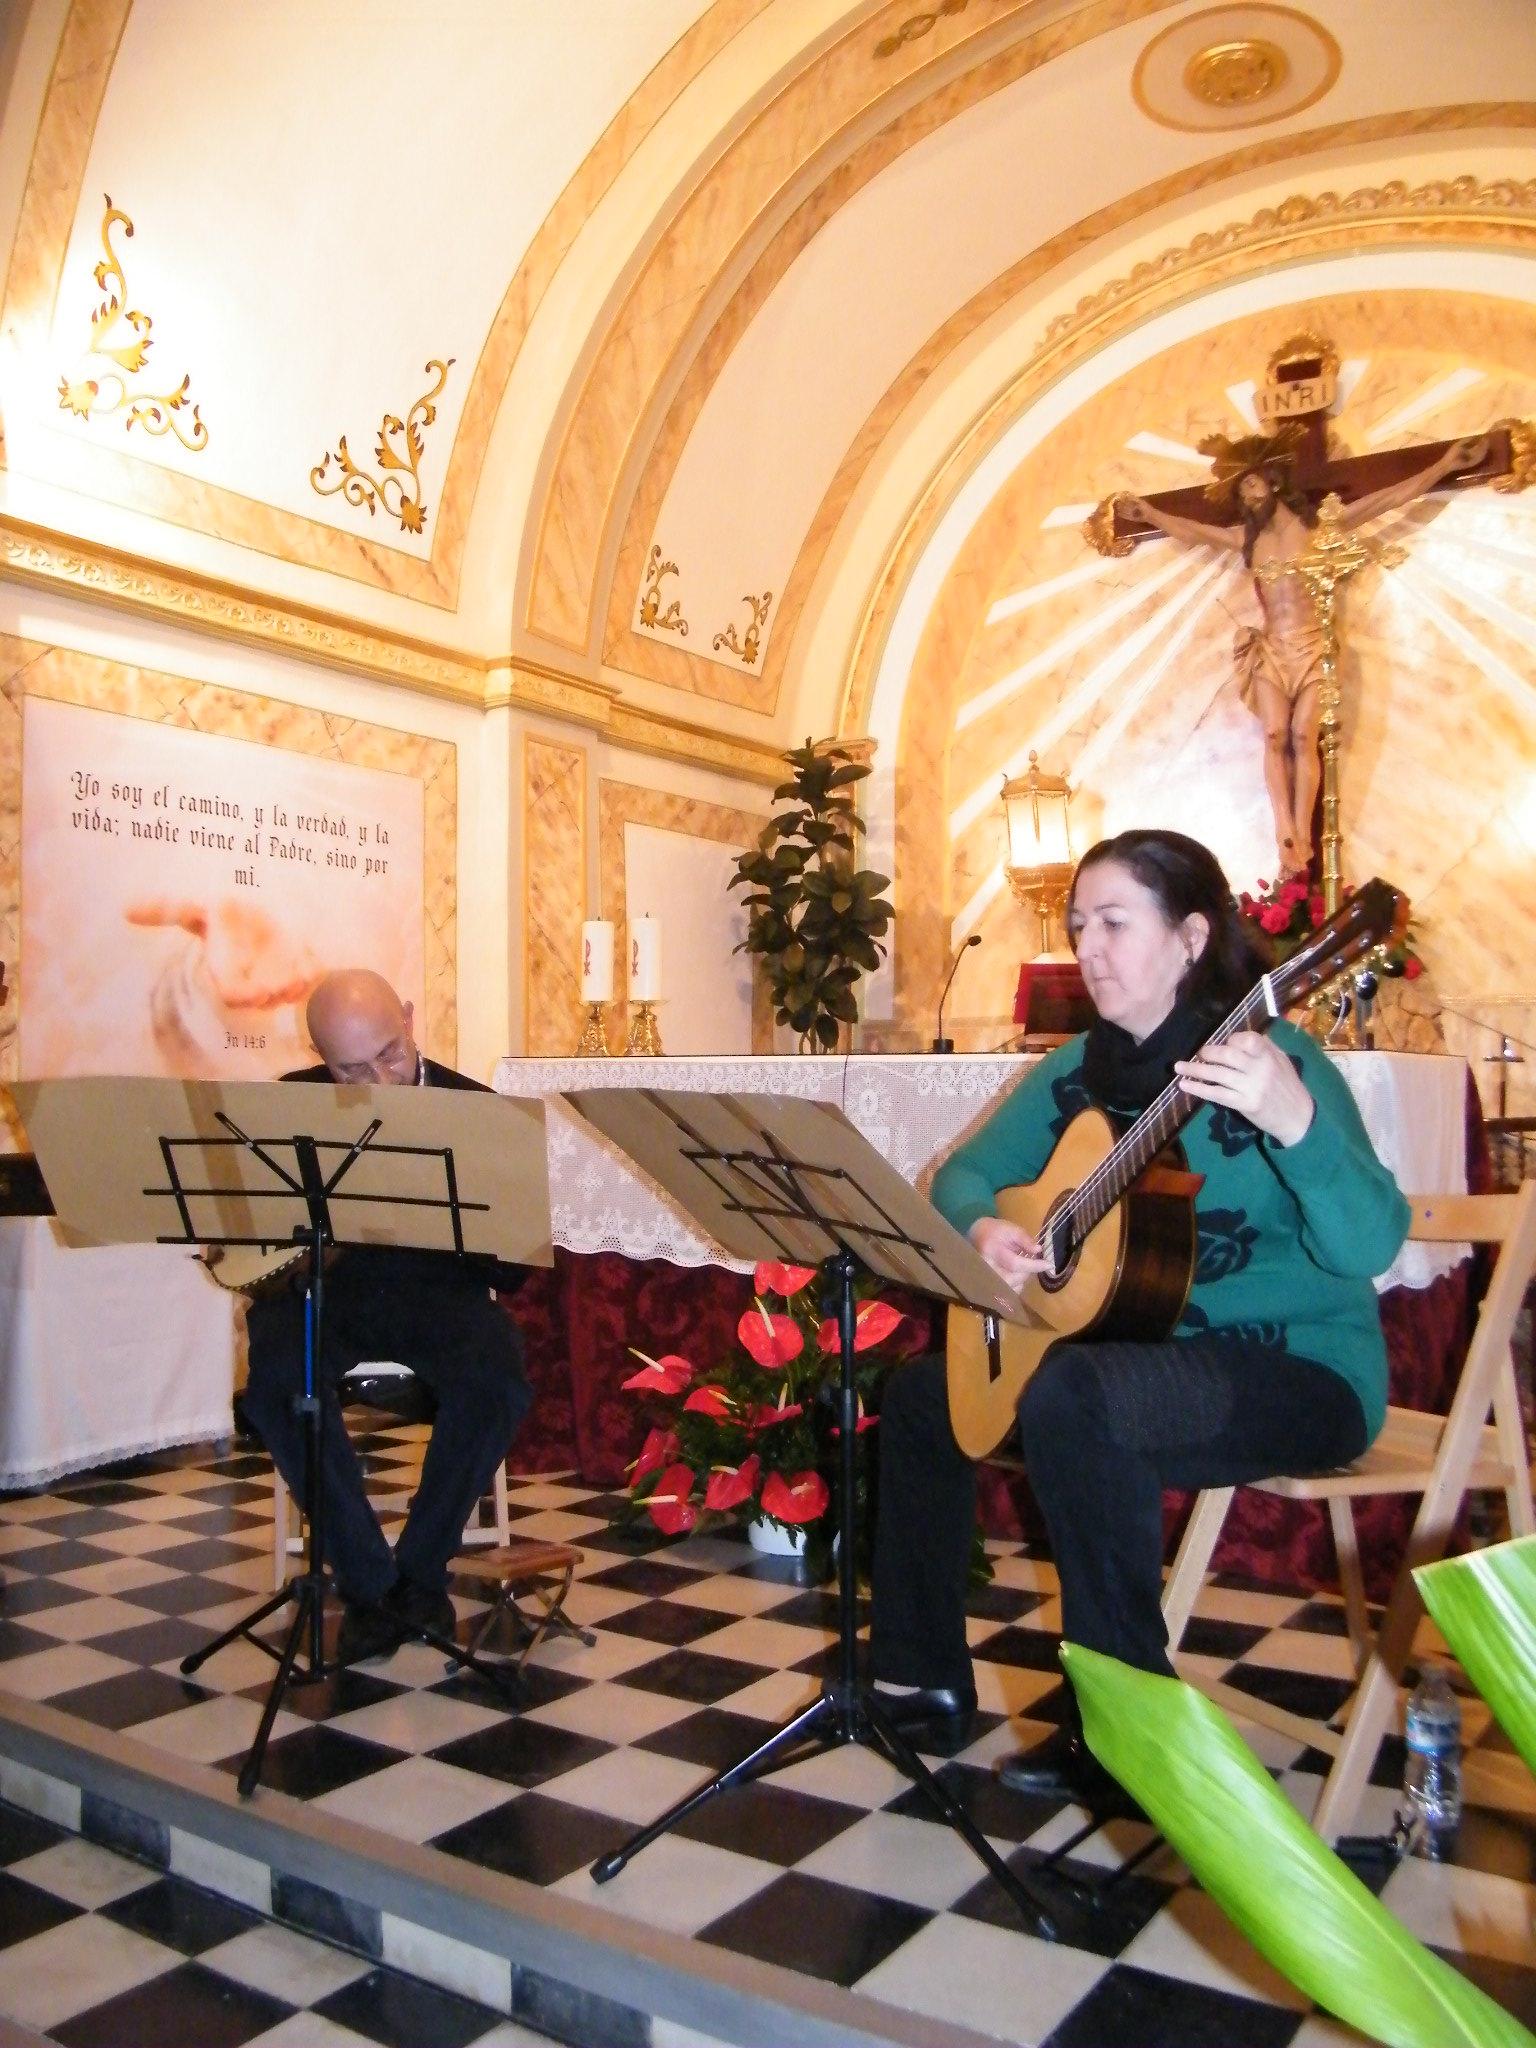 ElCristo - Actos - Actuación Musical Solidaria - Grupo Madrigal - (2016-01-29) - Gabriel Segura (11)